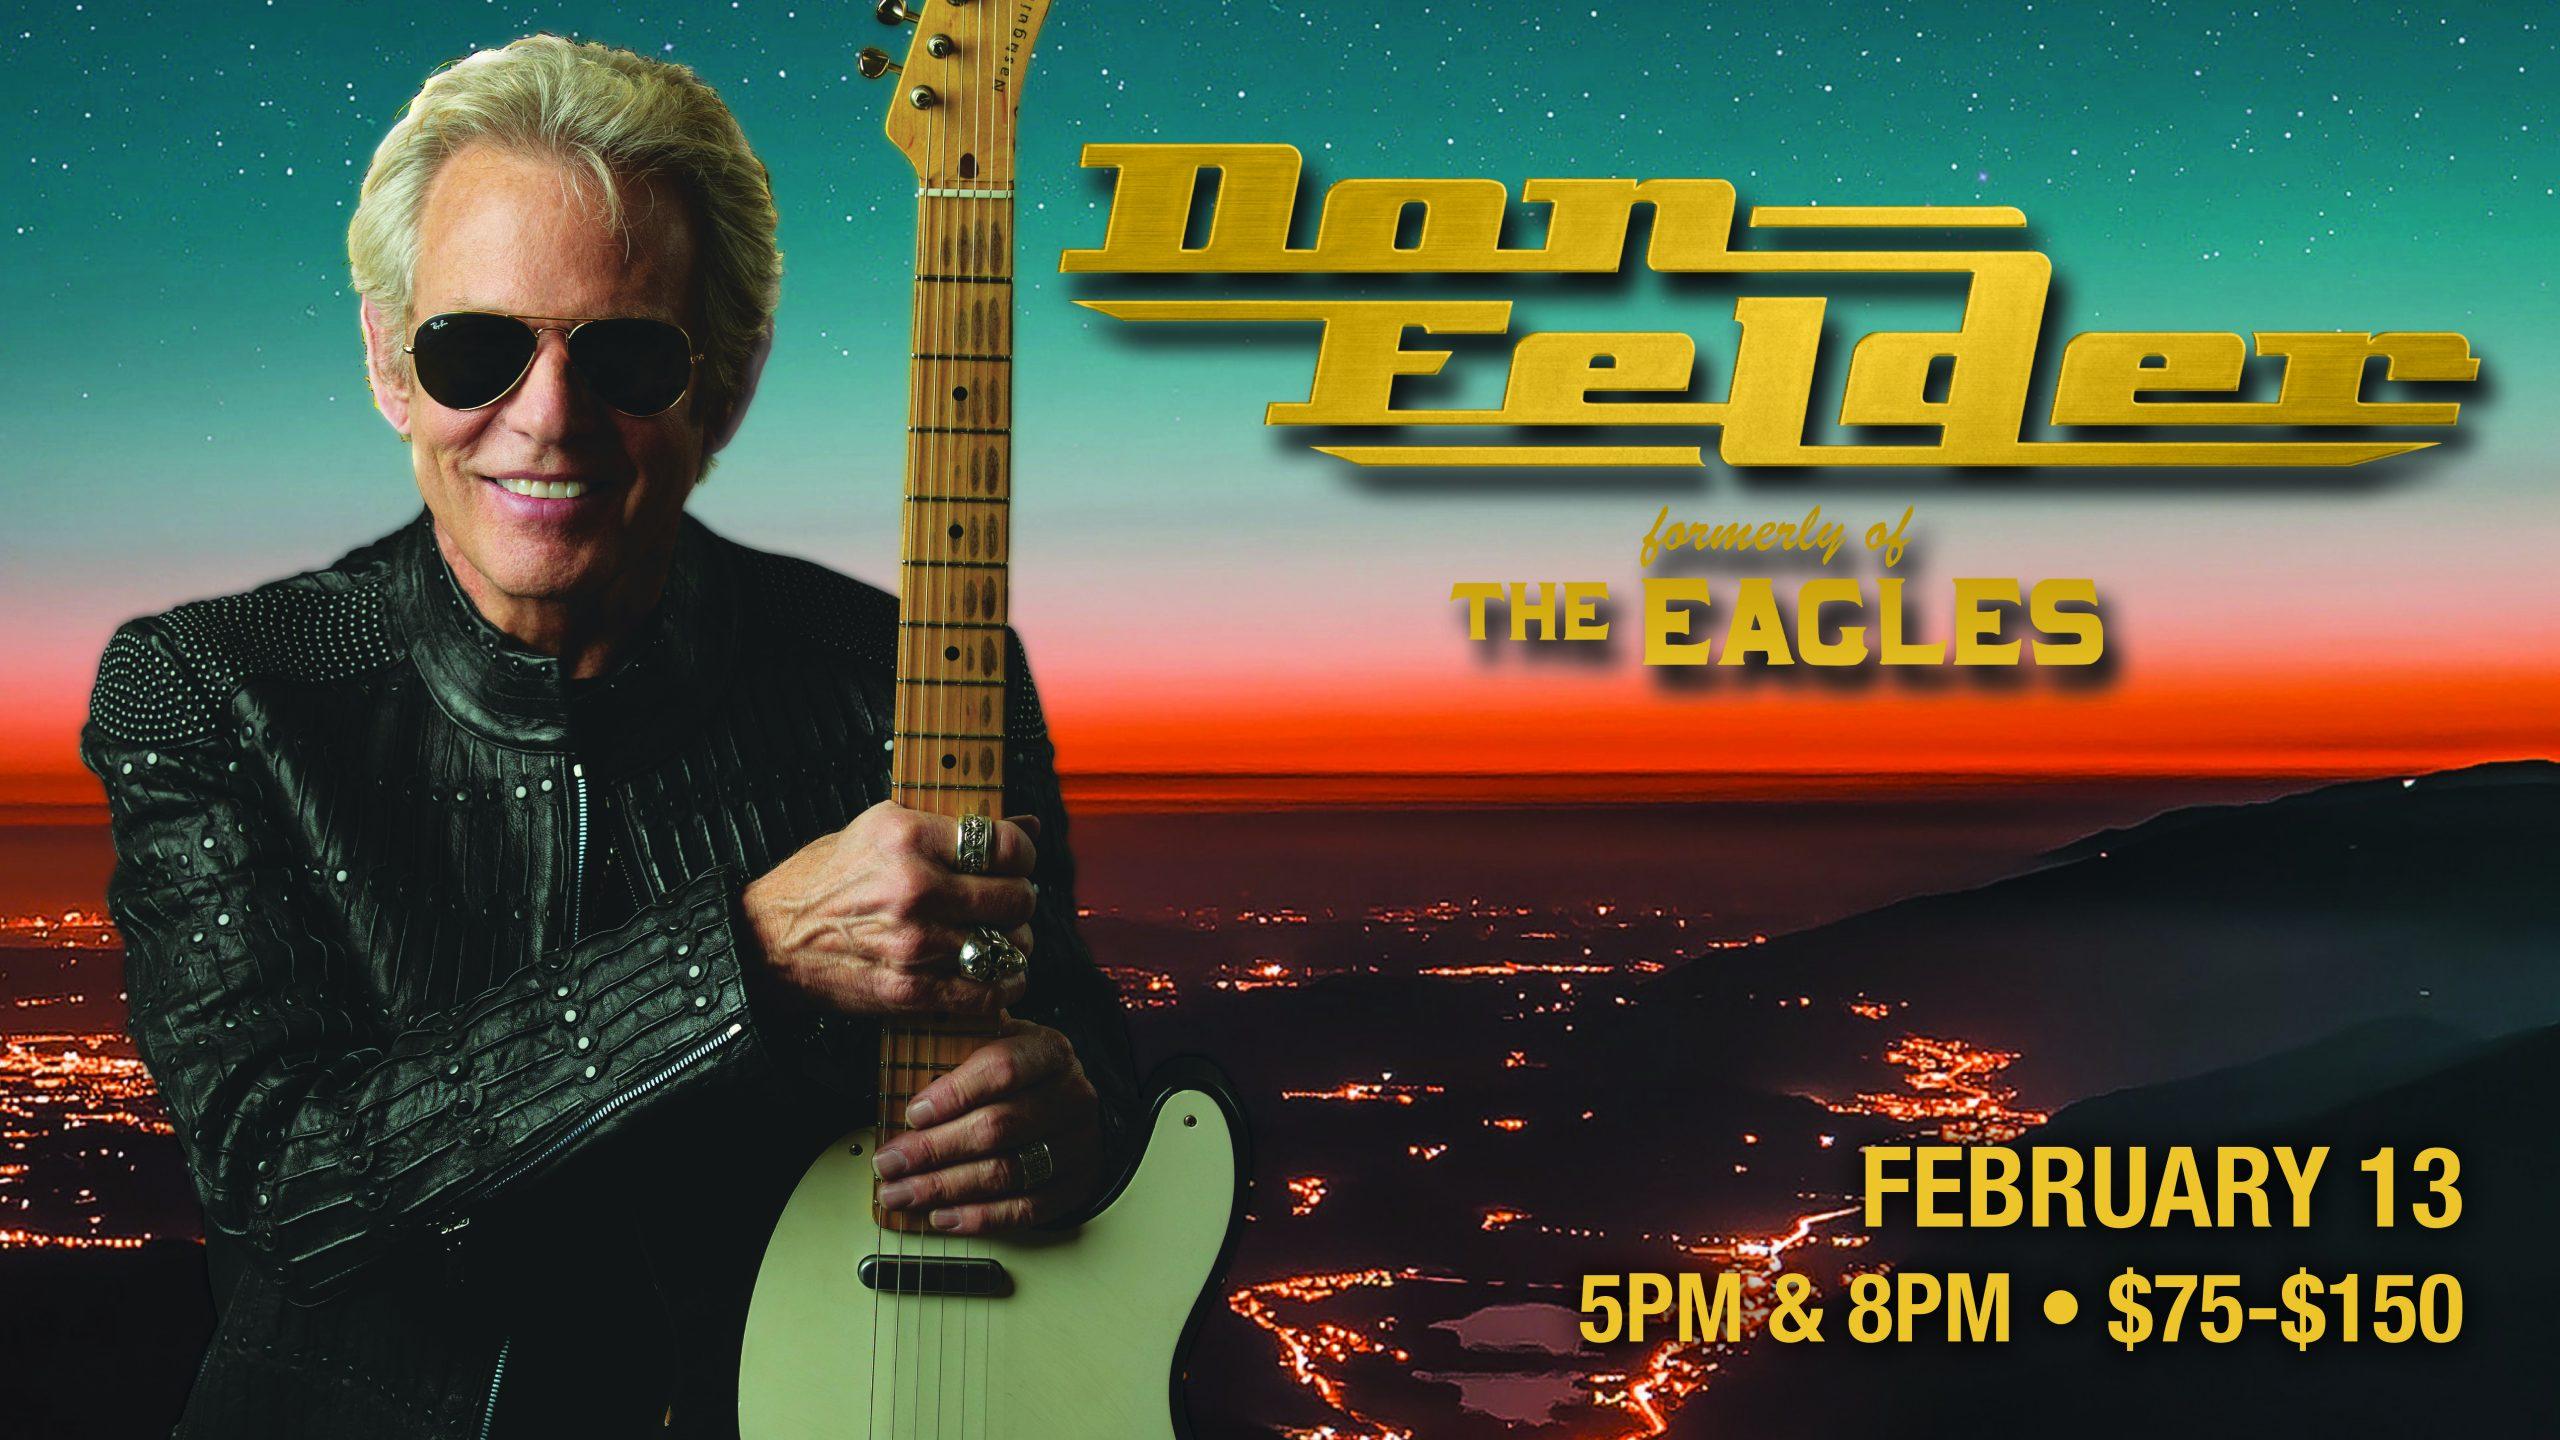 Don Felder formerly of The Eagles